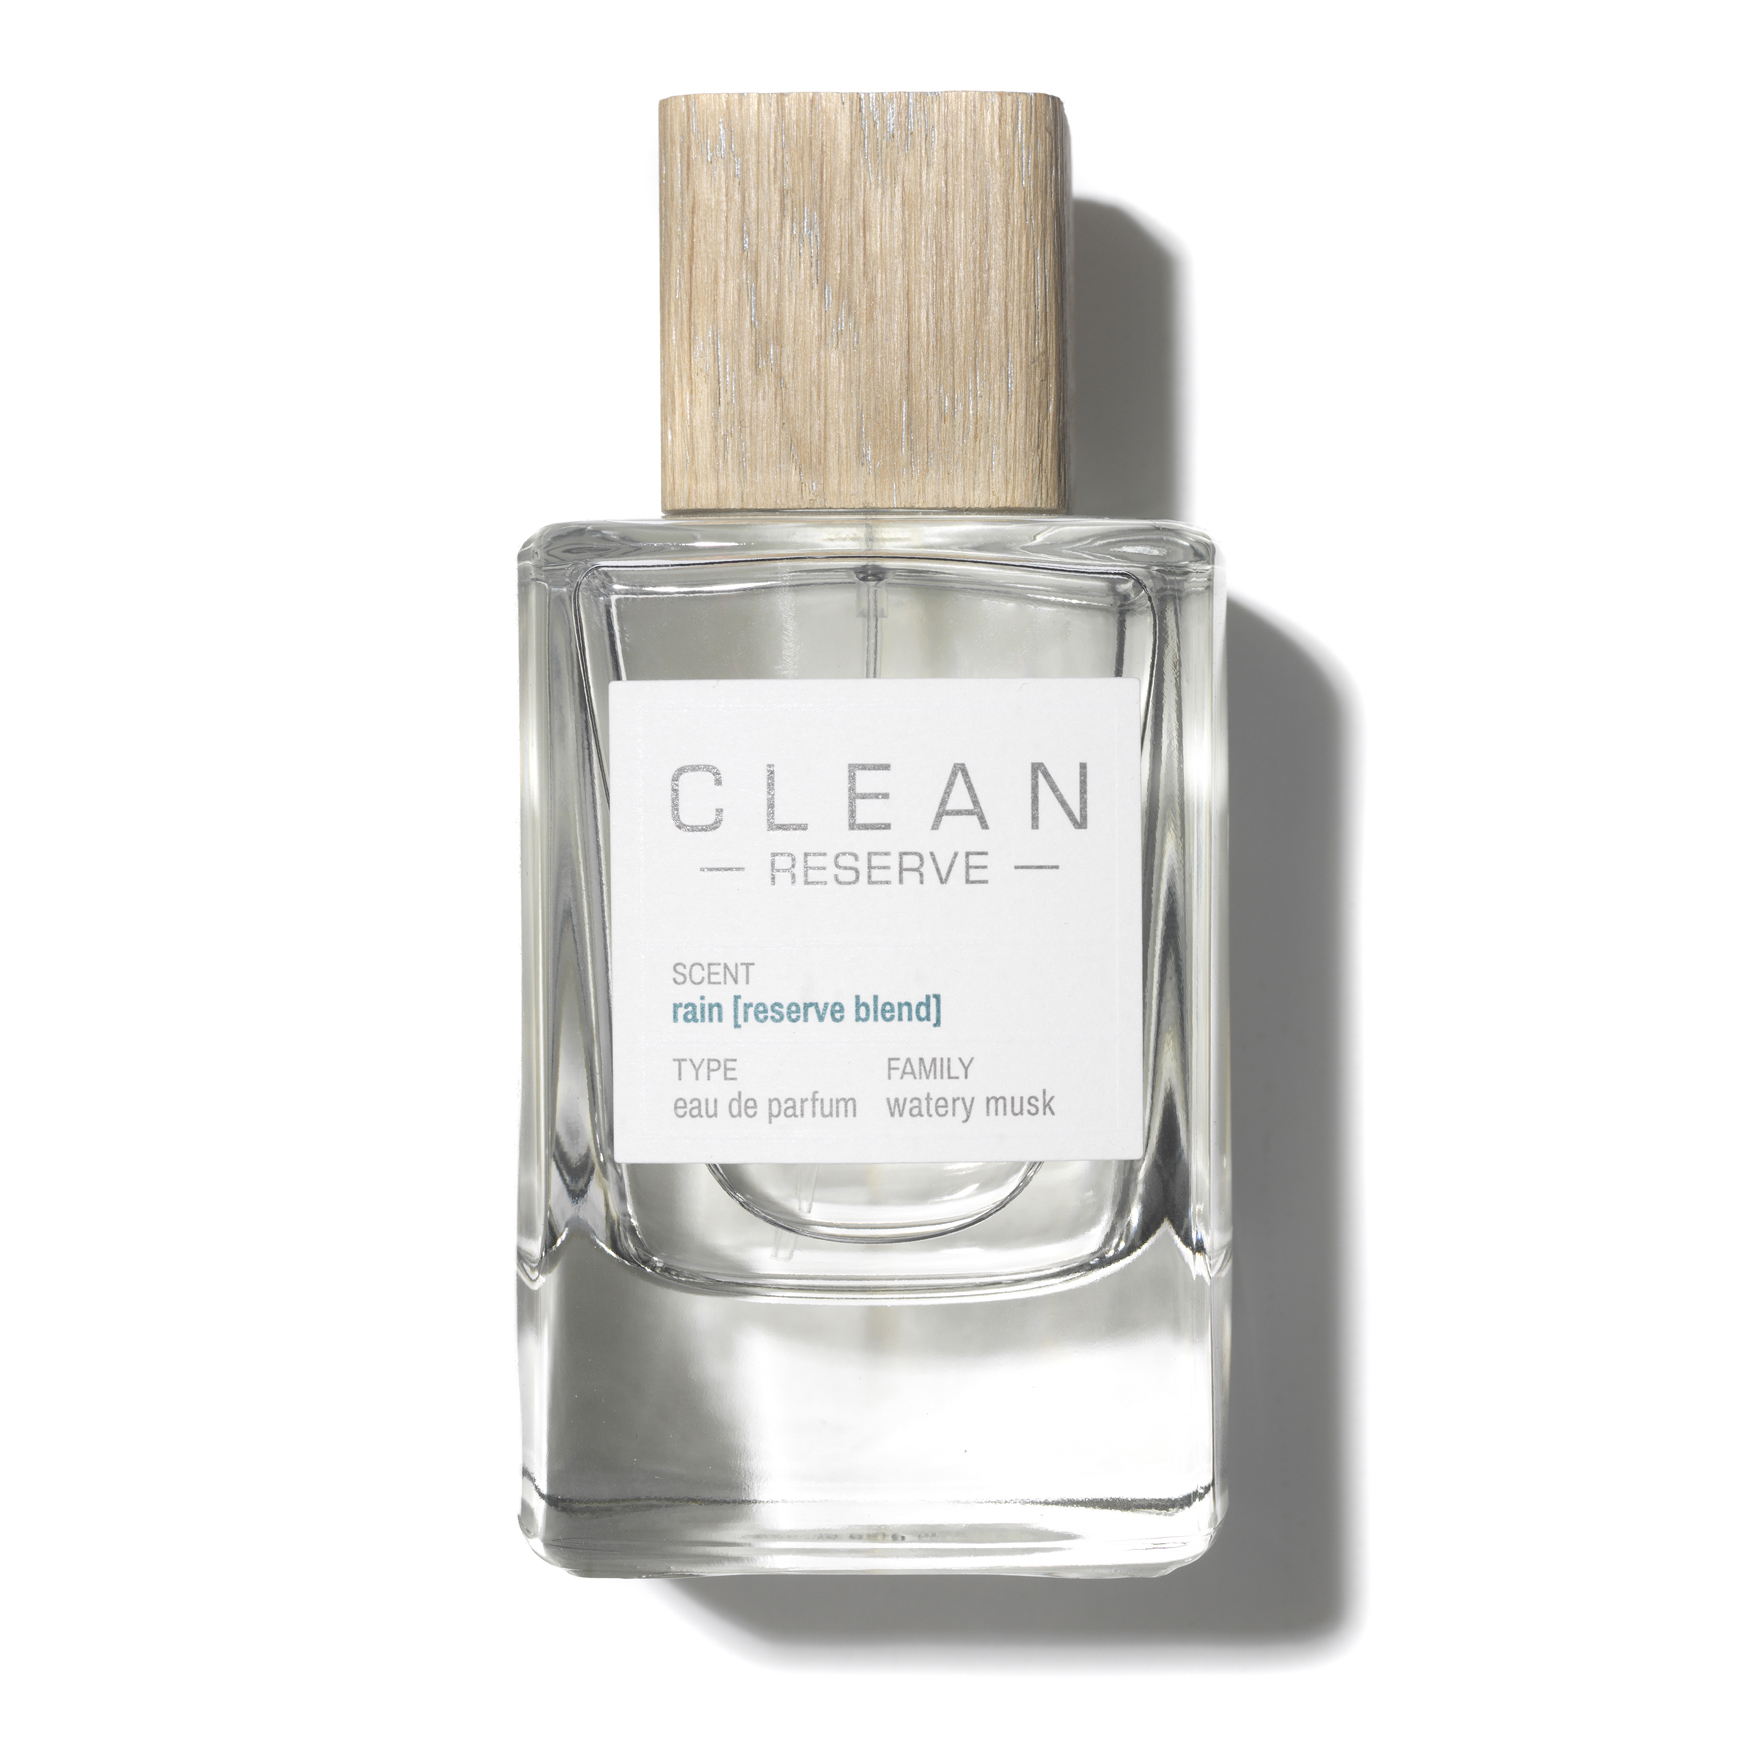 Rain [Reserve Blend] Eau de Parfum, , large